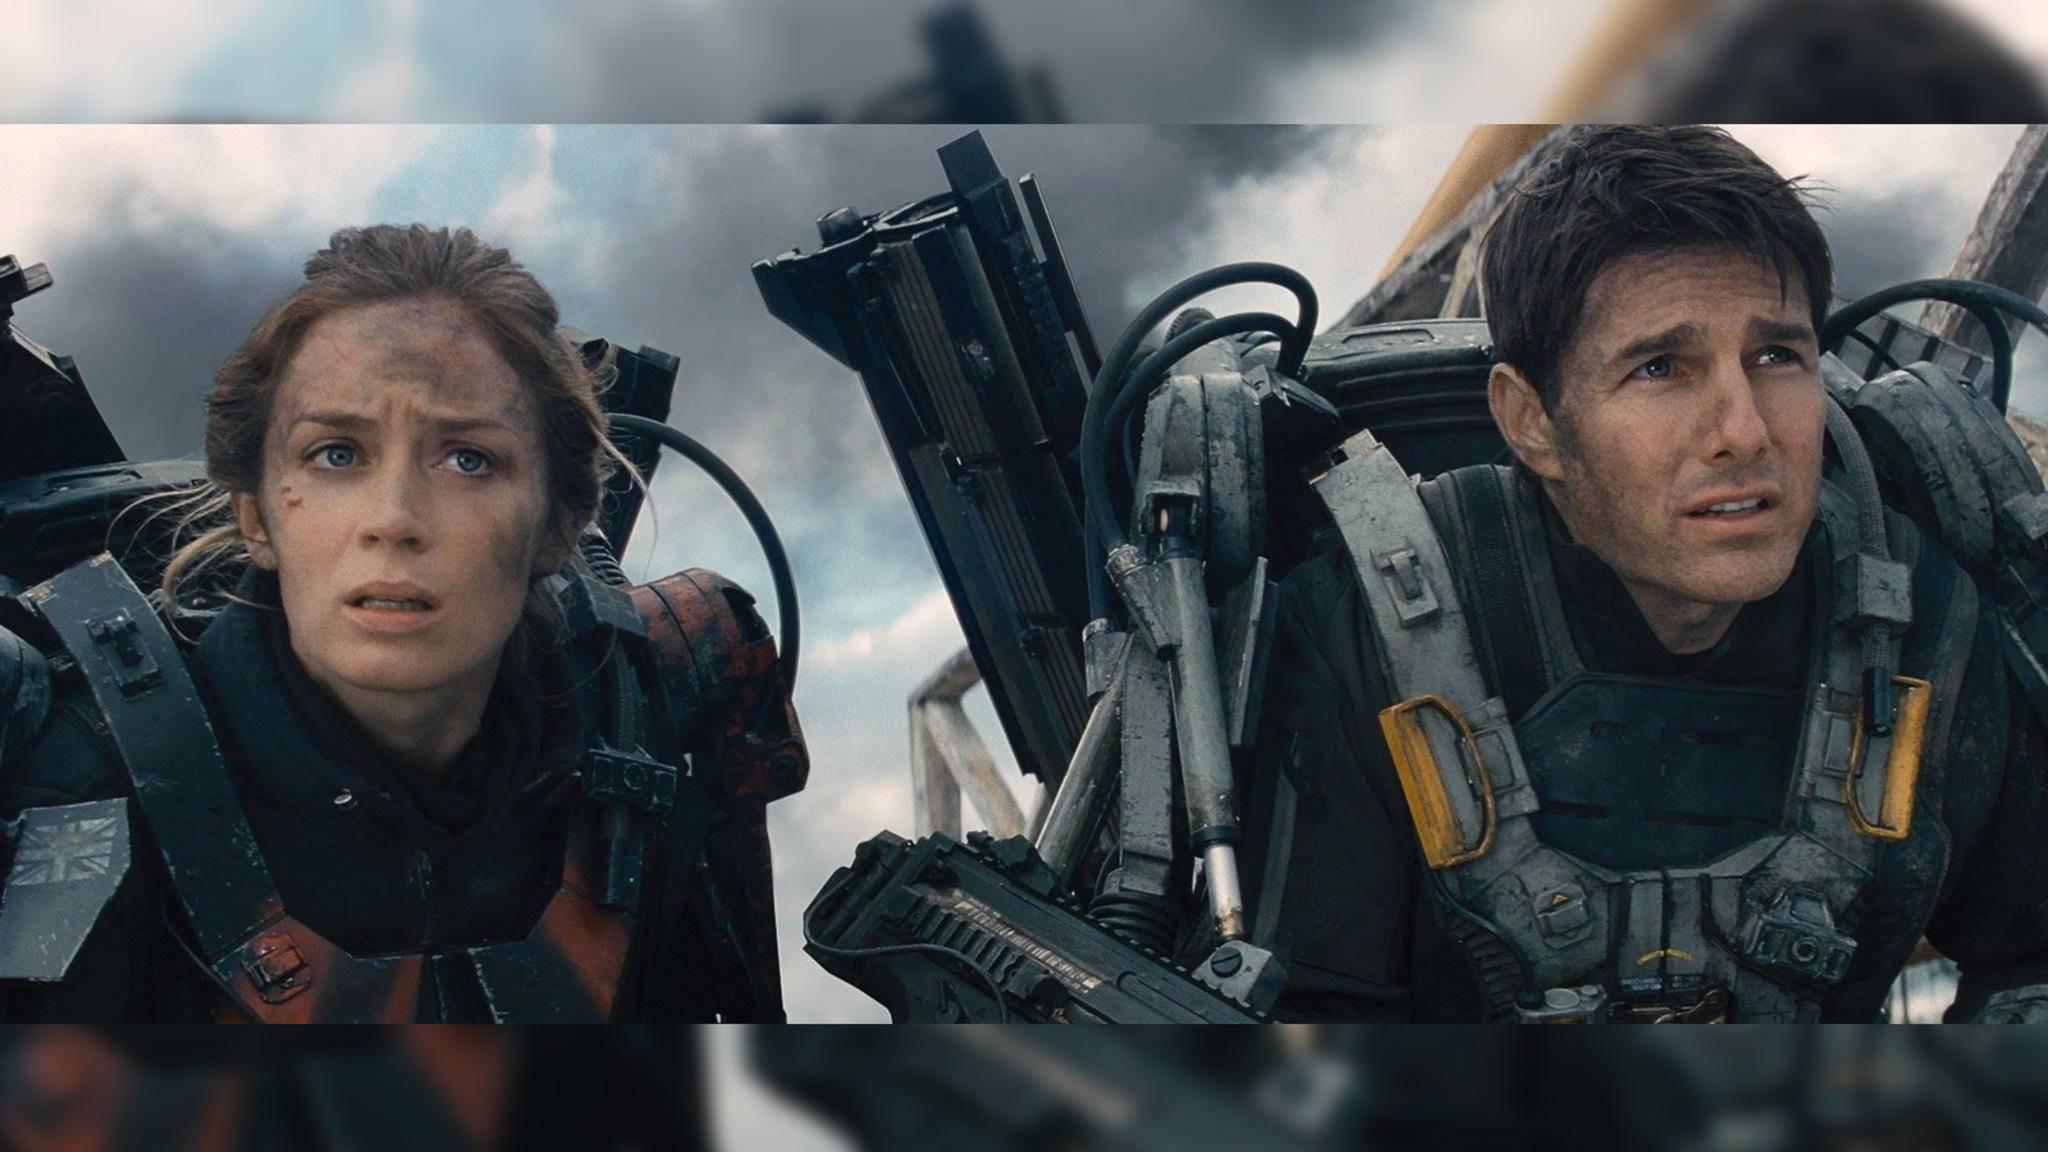 """Ob die Charaktere von Tom Cruise und Emily Blunt in """"Edge of Tomorrow 2"""" wohl wieder so viel einstecken müssen?"""